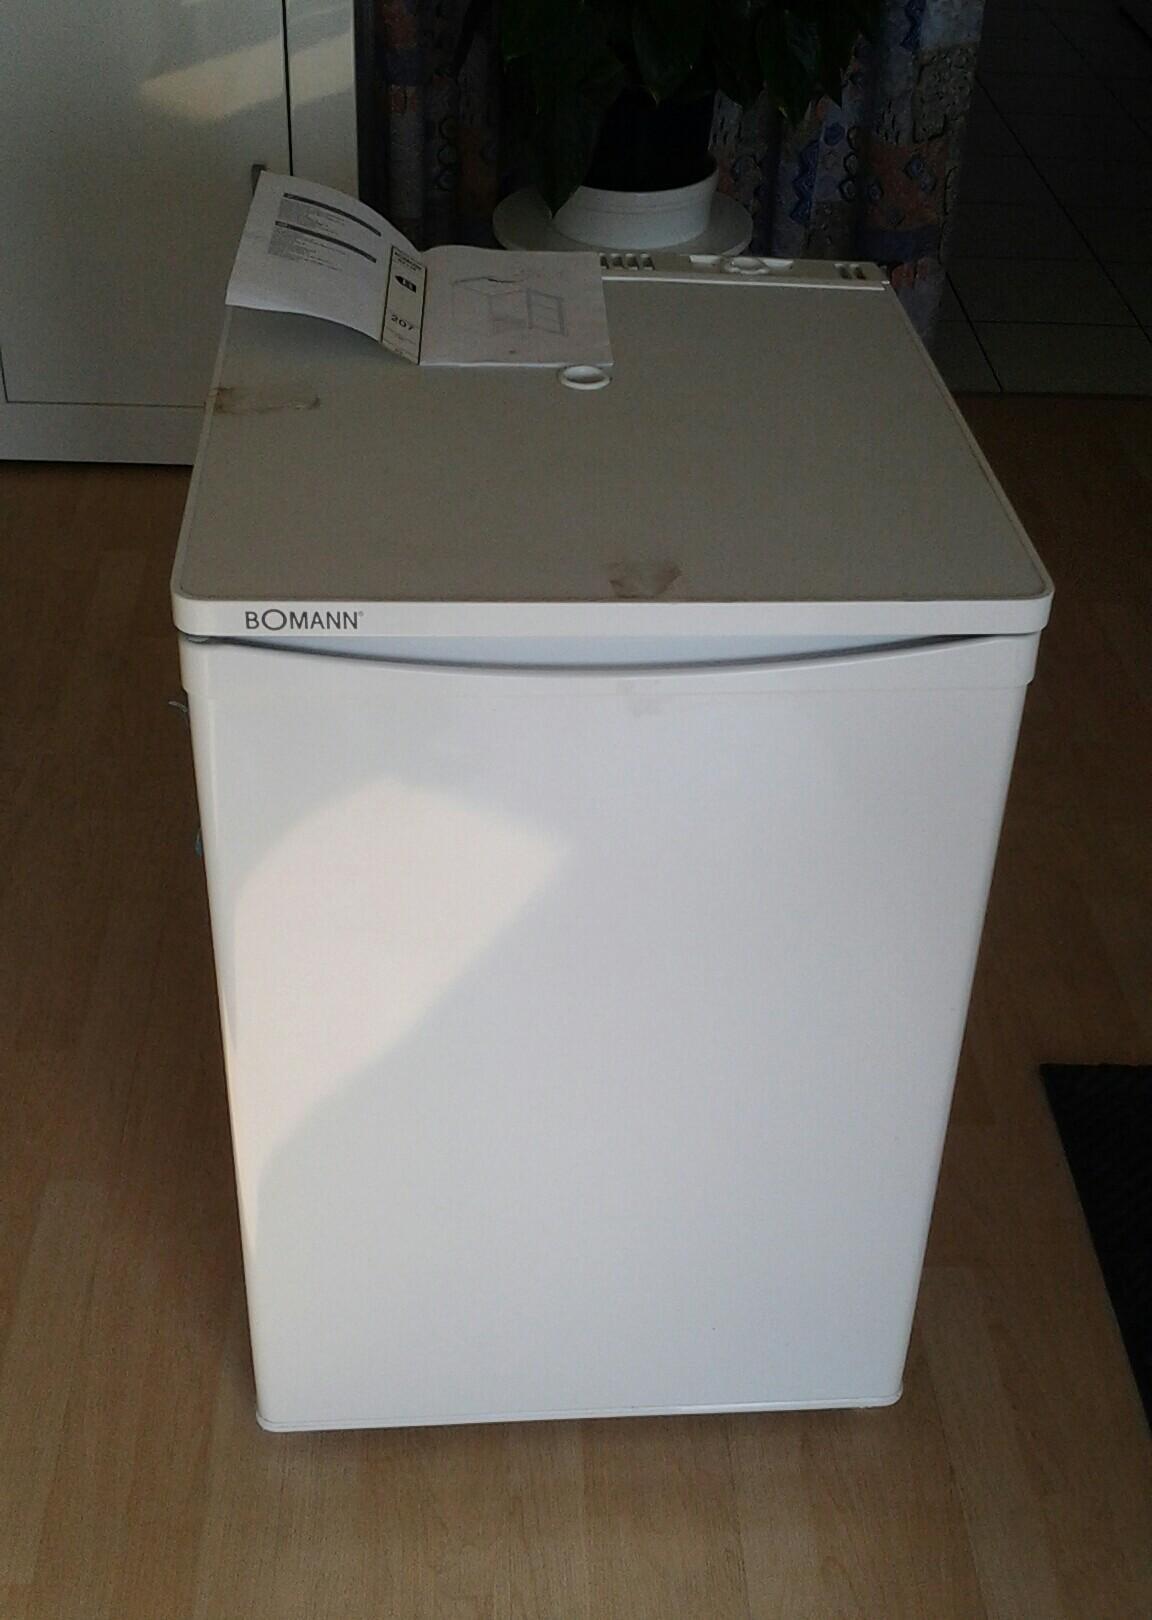 Bomann Kühlschrank Für Bierfass : Gebraucht bierfasskühler von bomann bz in niedernhausen